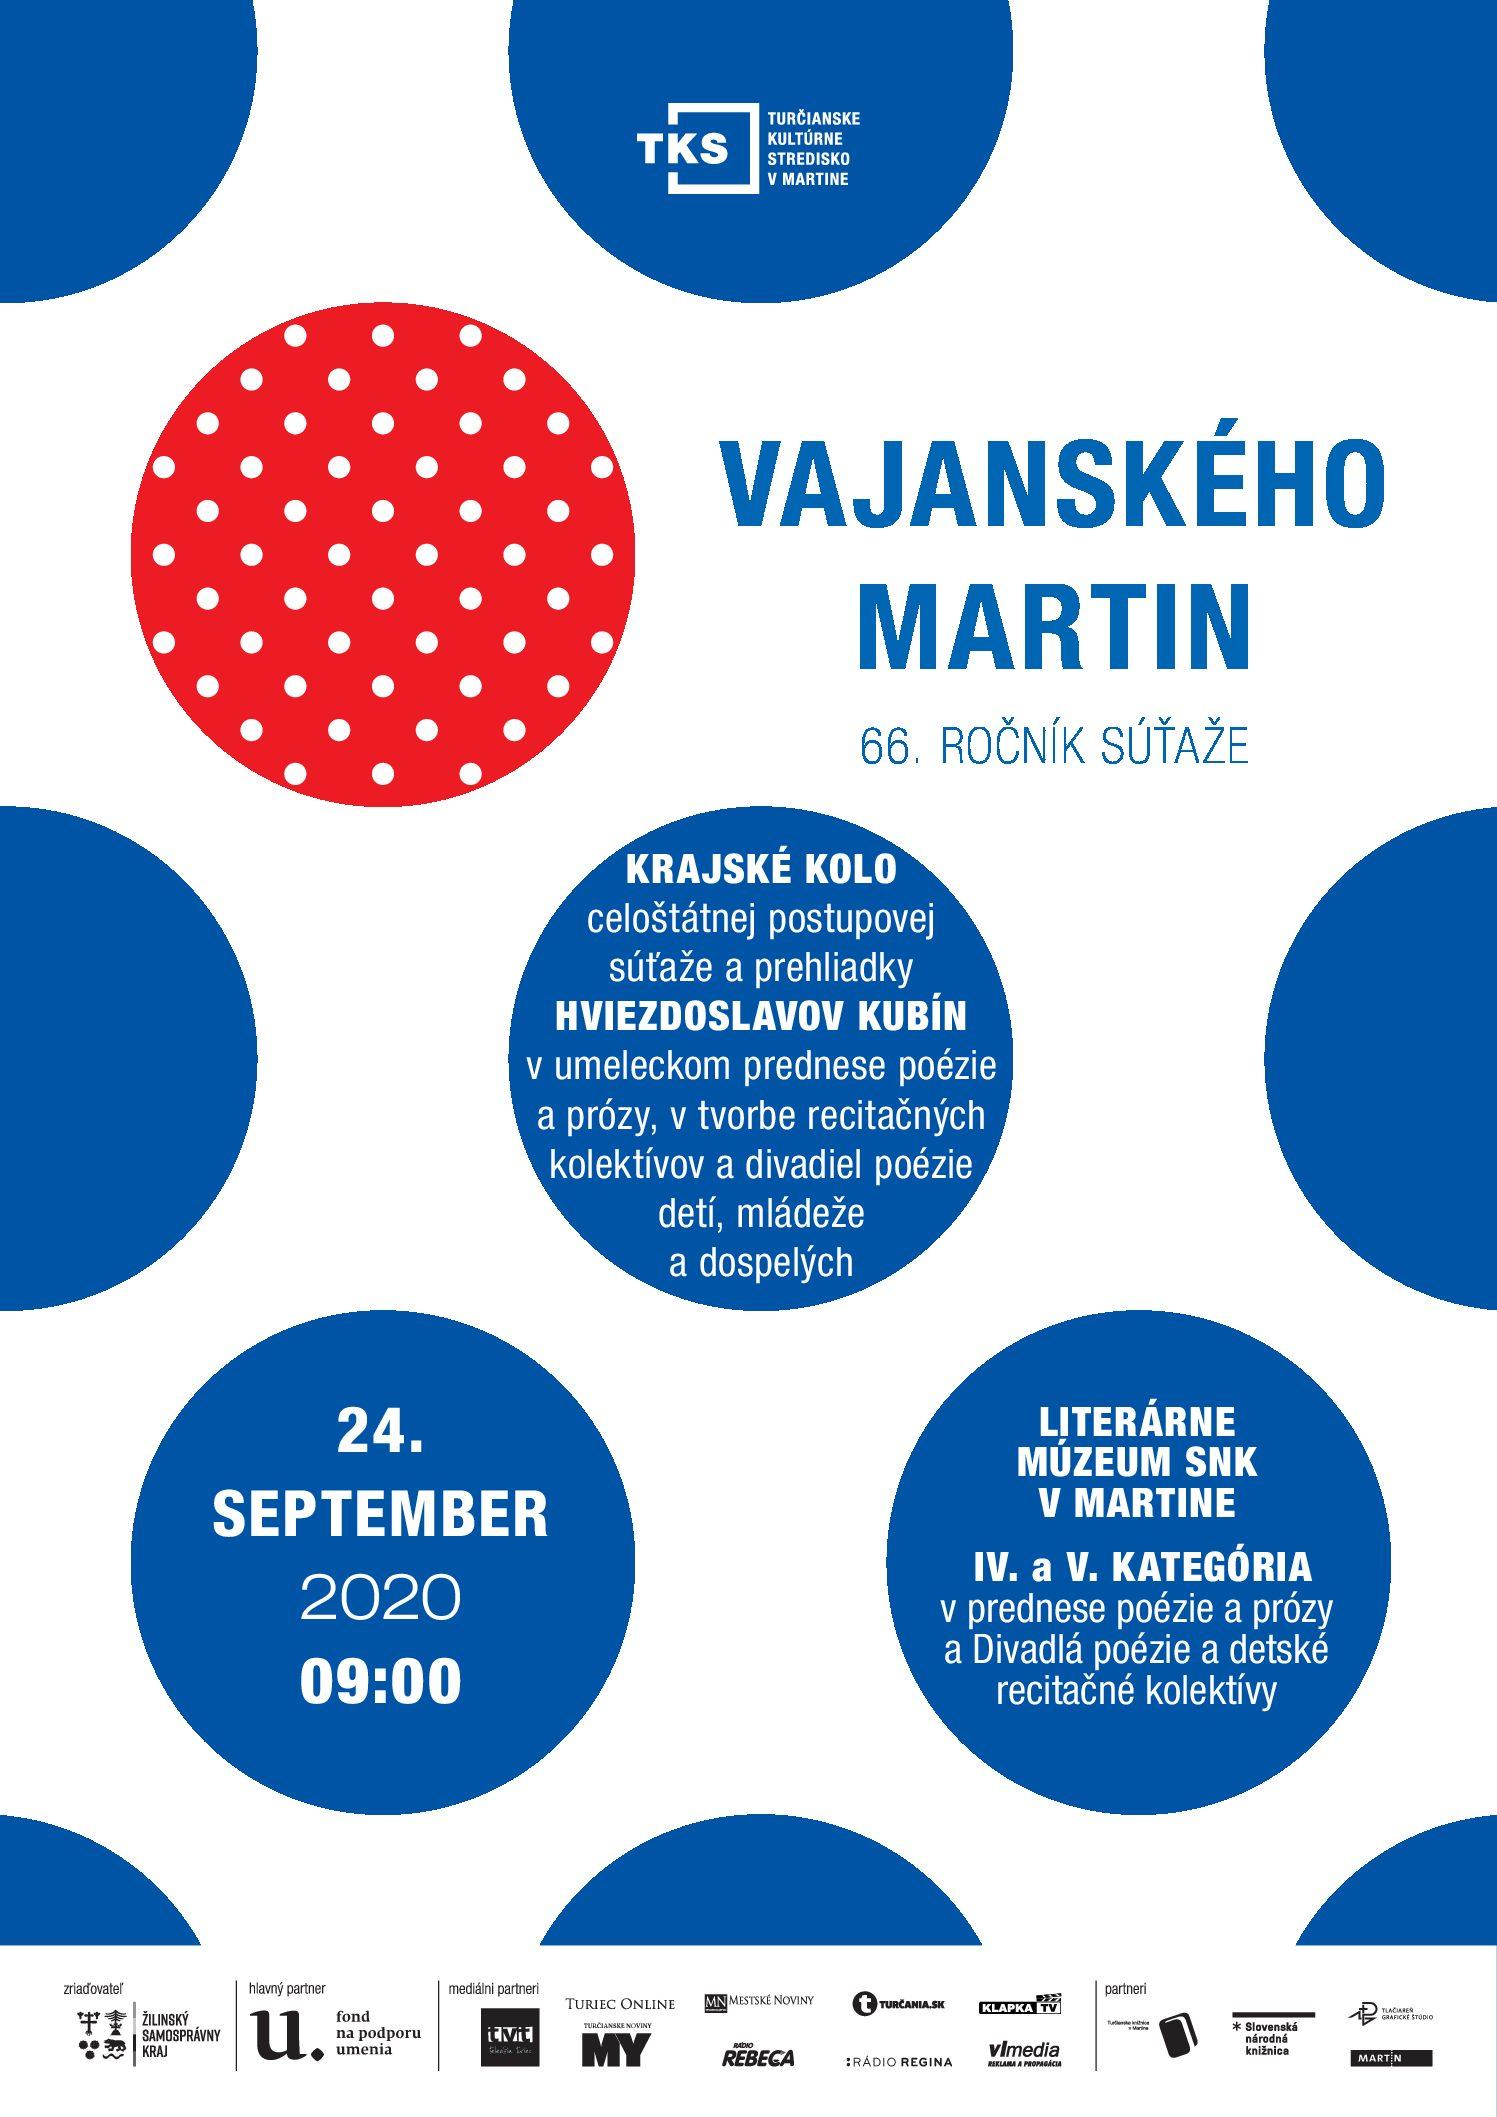 Vajanského Martin 2020 – Krajské kolo v septembri